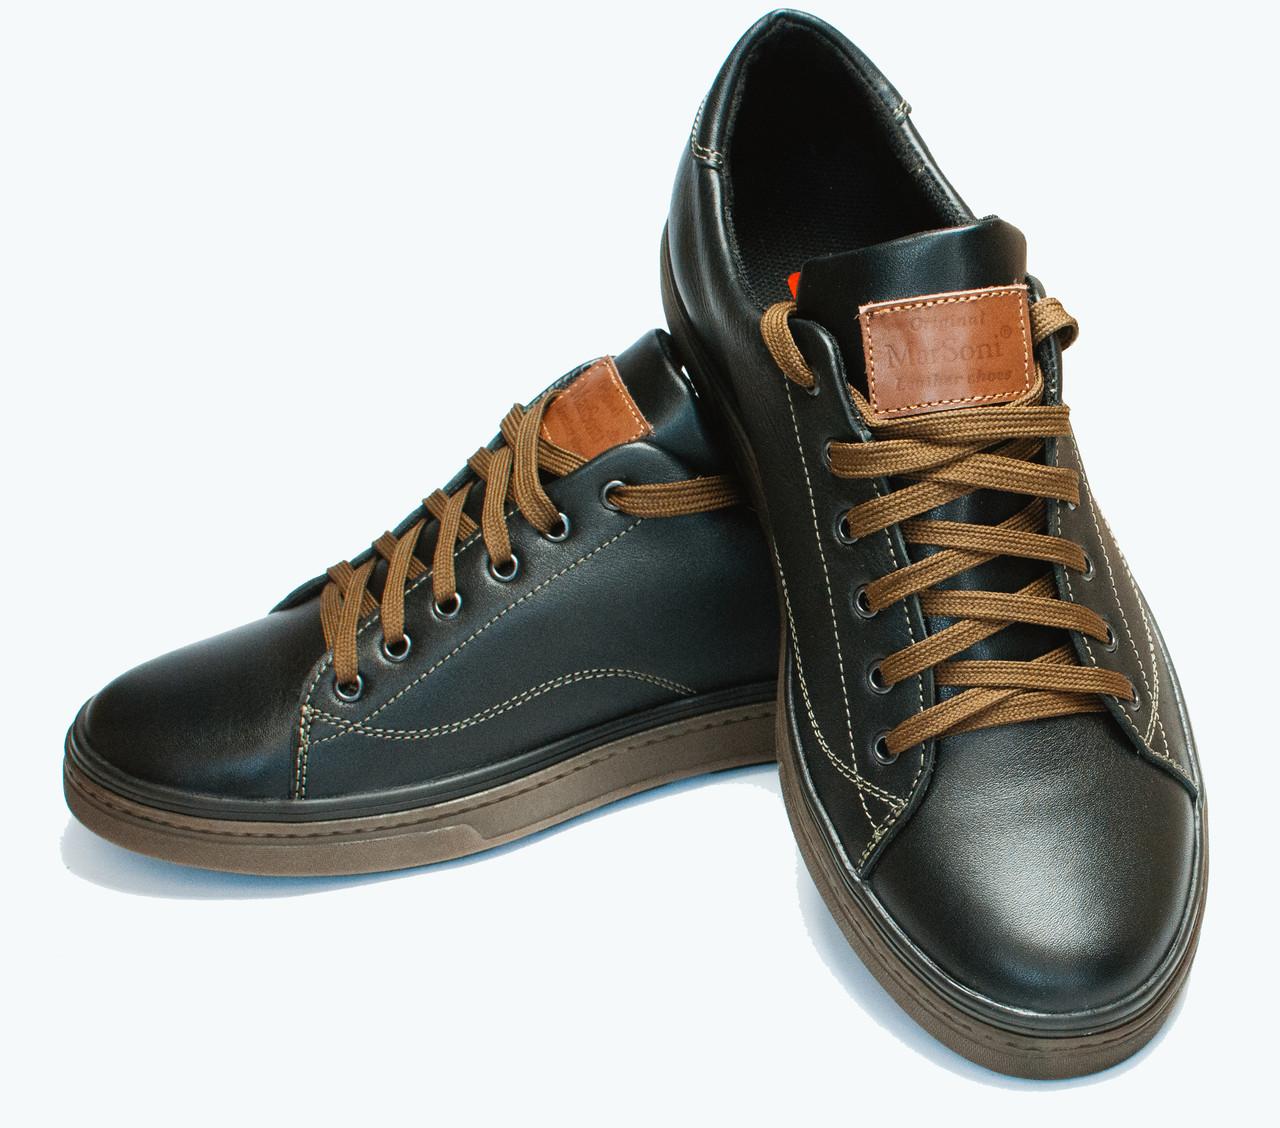 c431dc5f Кеды Мужские Кожаные Ботинки Демисезонные — в Категории